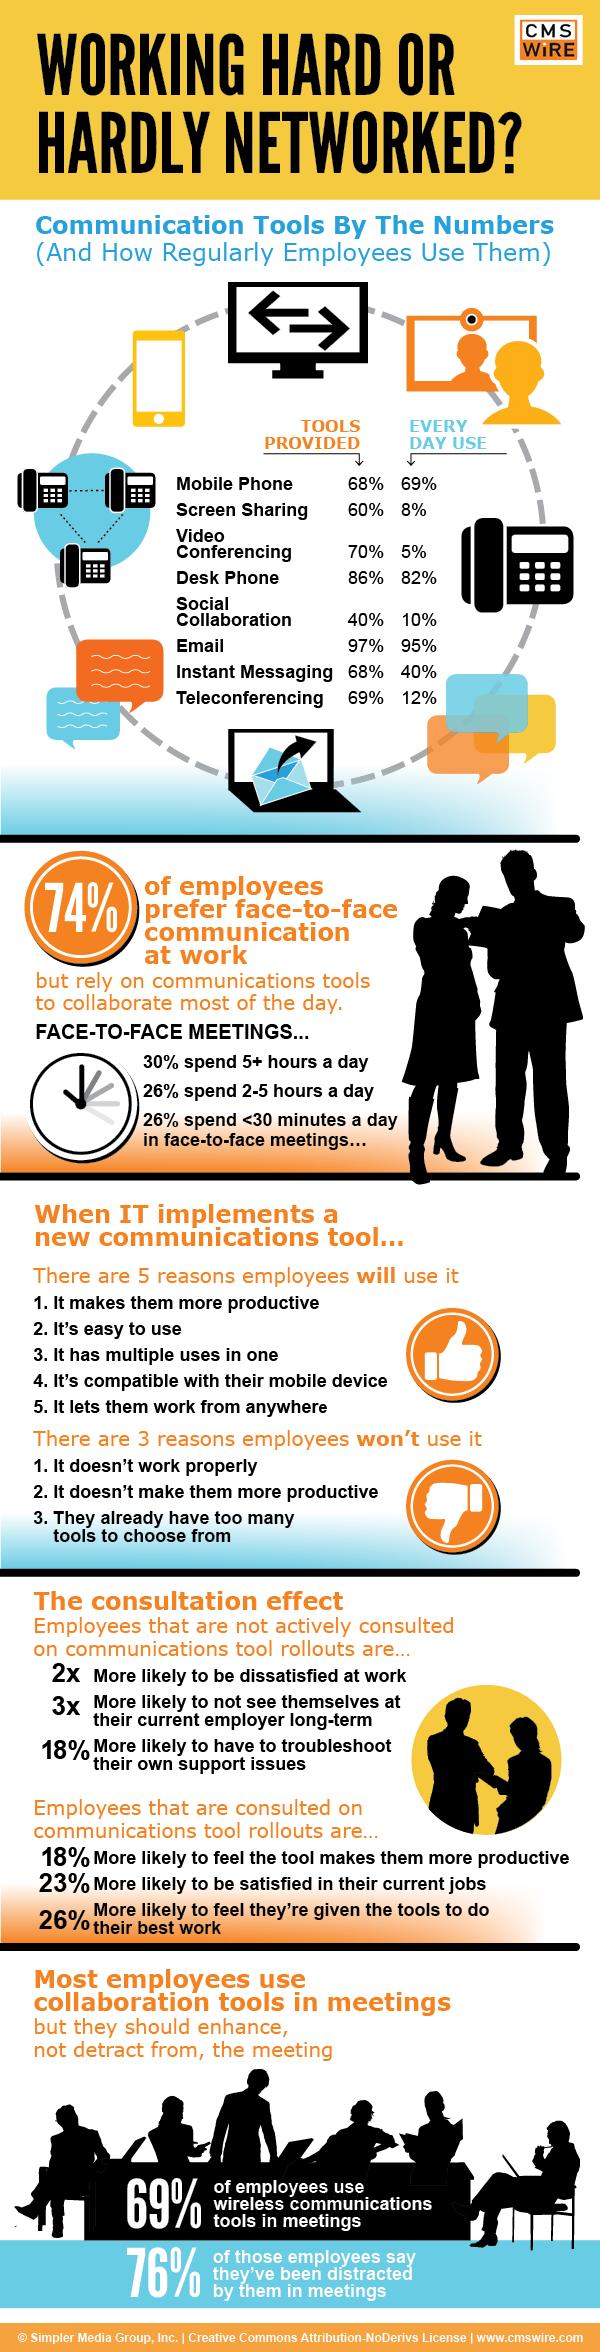 Social Collaboration funktioniert nur, wenn die Nutzer gefragt werden!